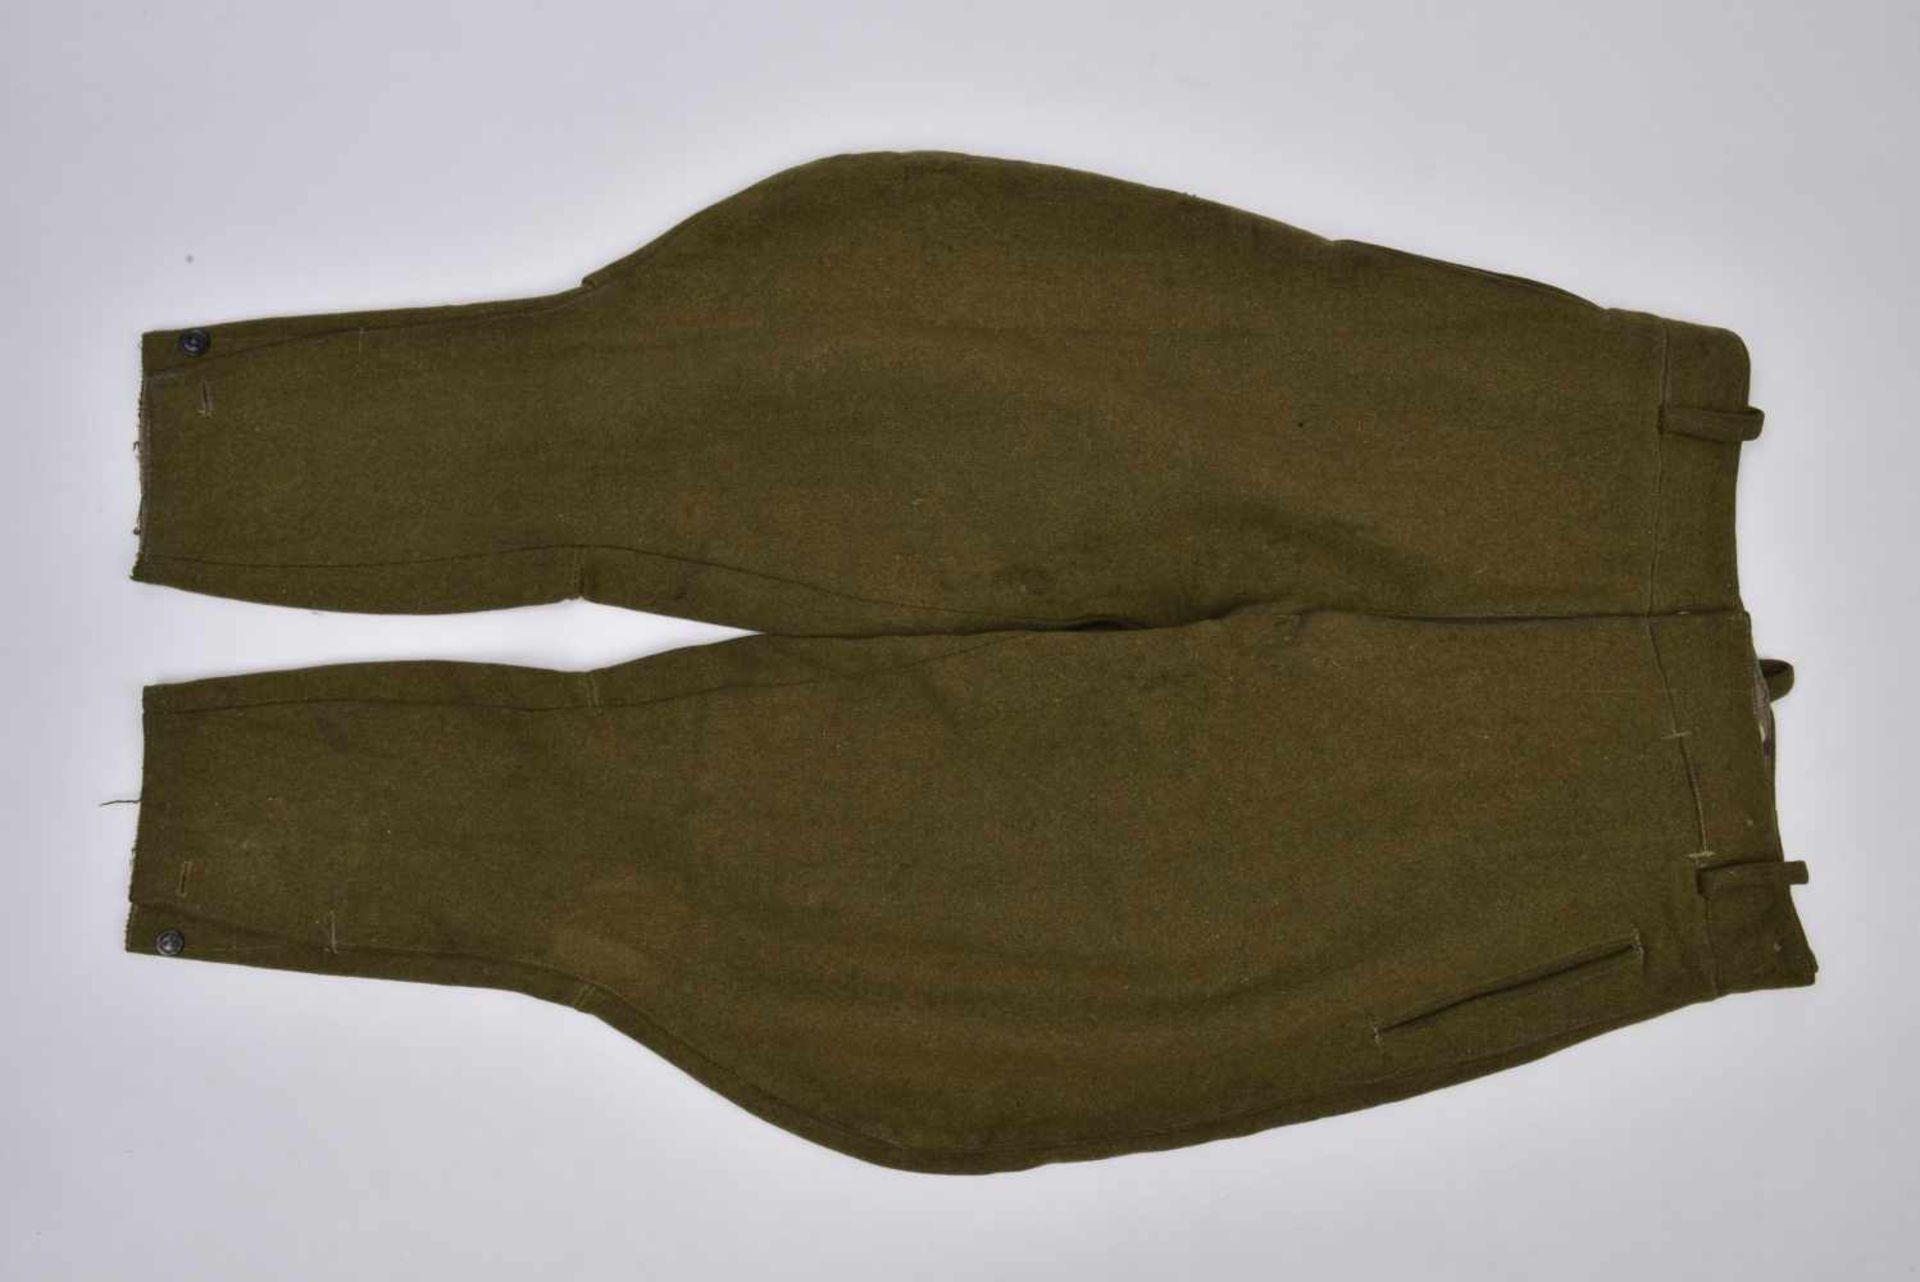 Culotte troupe M.35 hiver en laine Fabrication de guerre. Les poches ainsi que les renforts sont